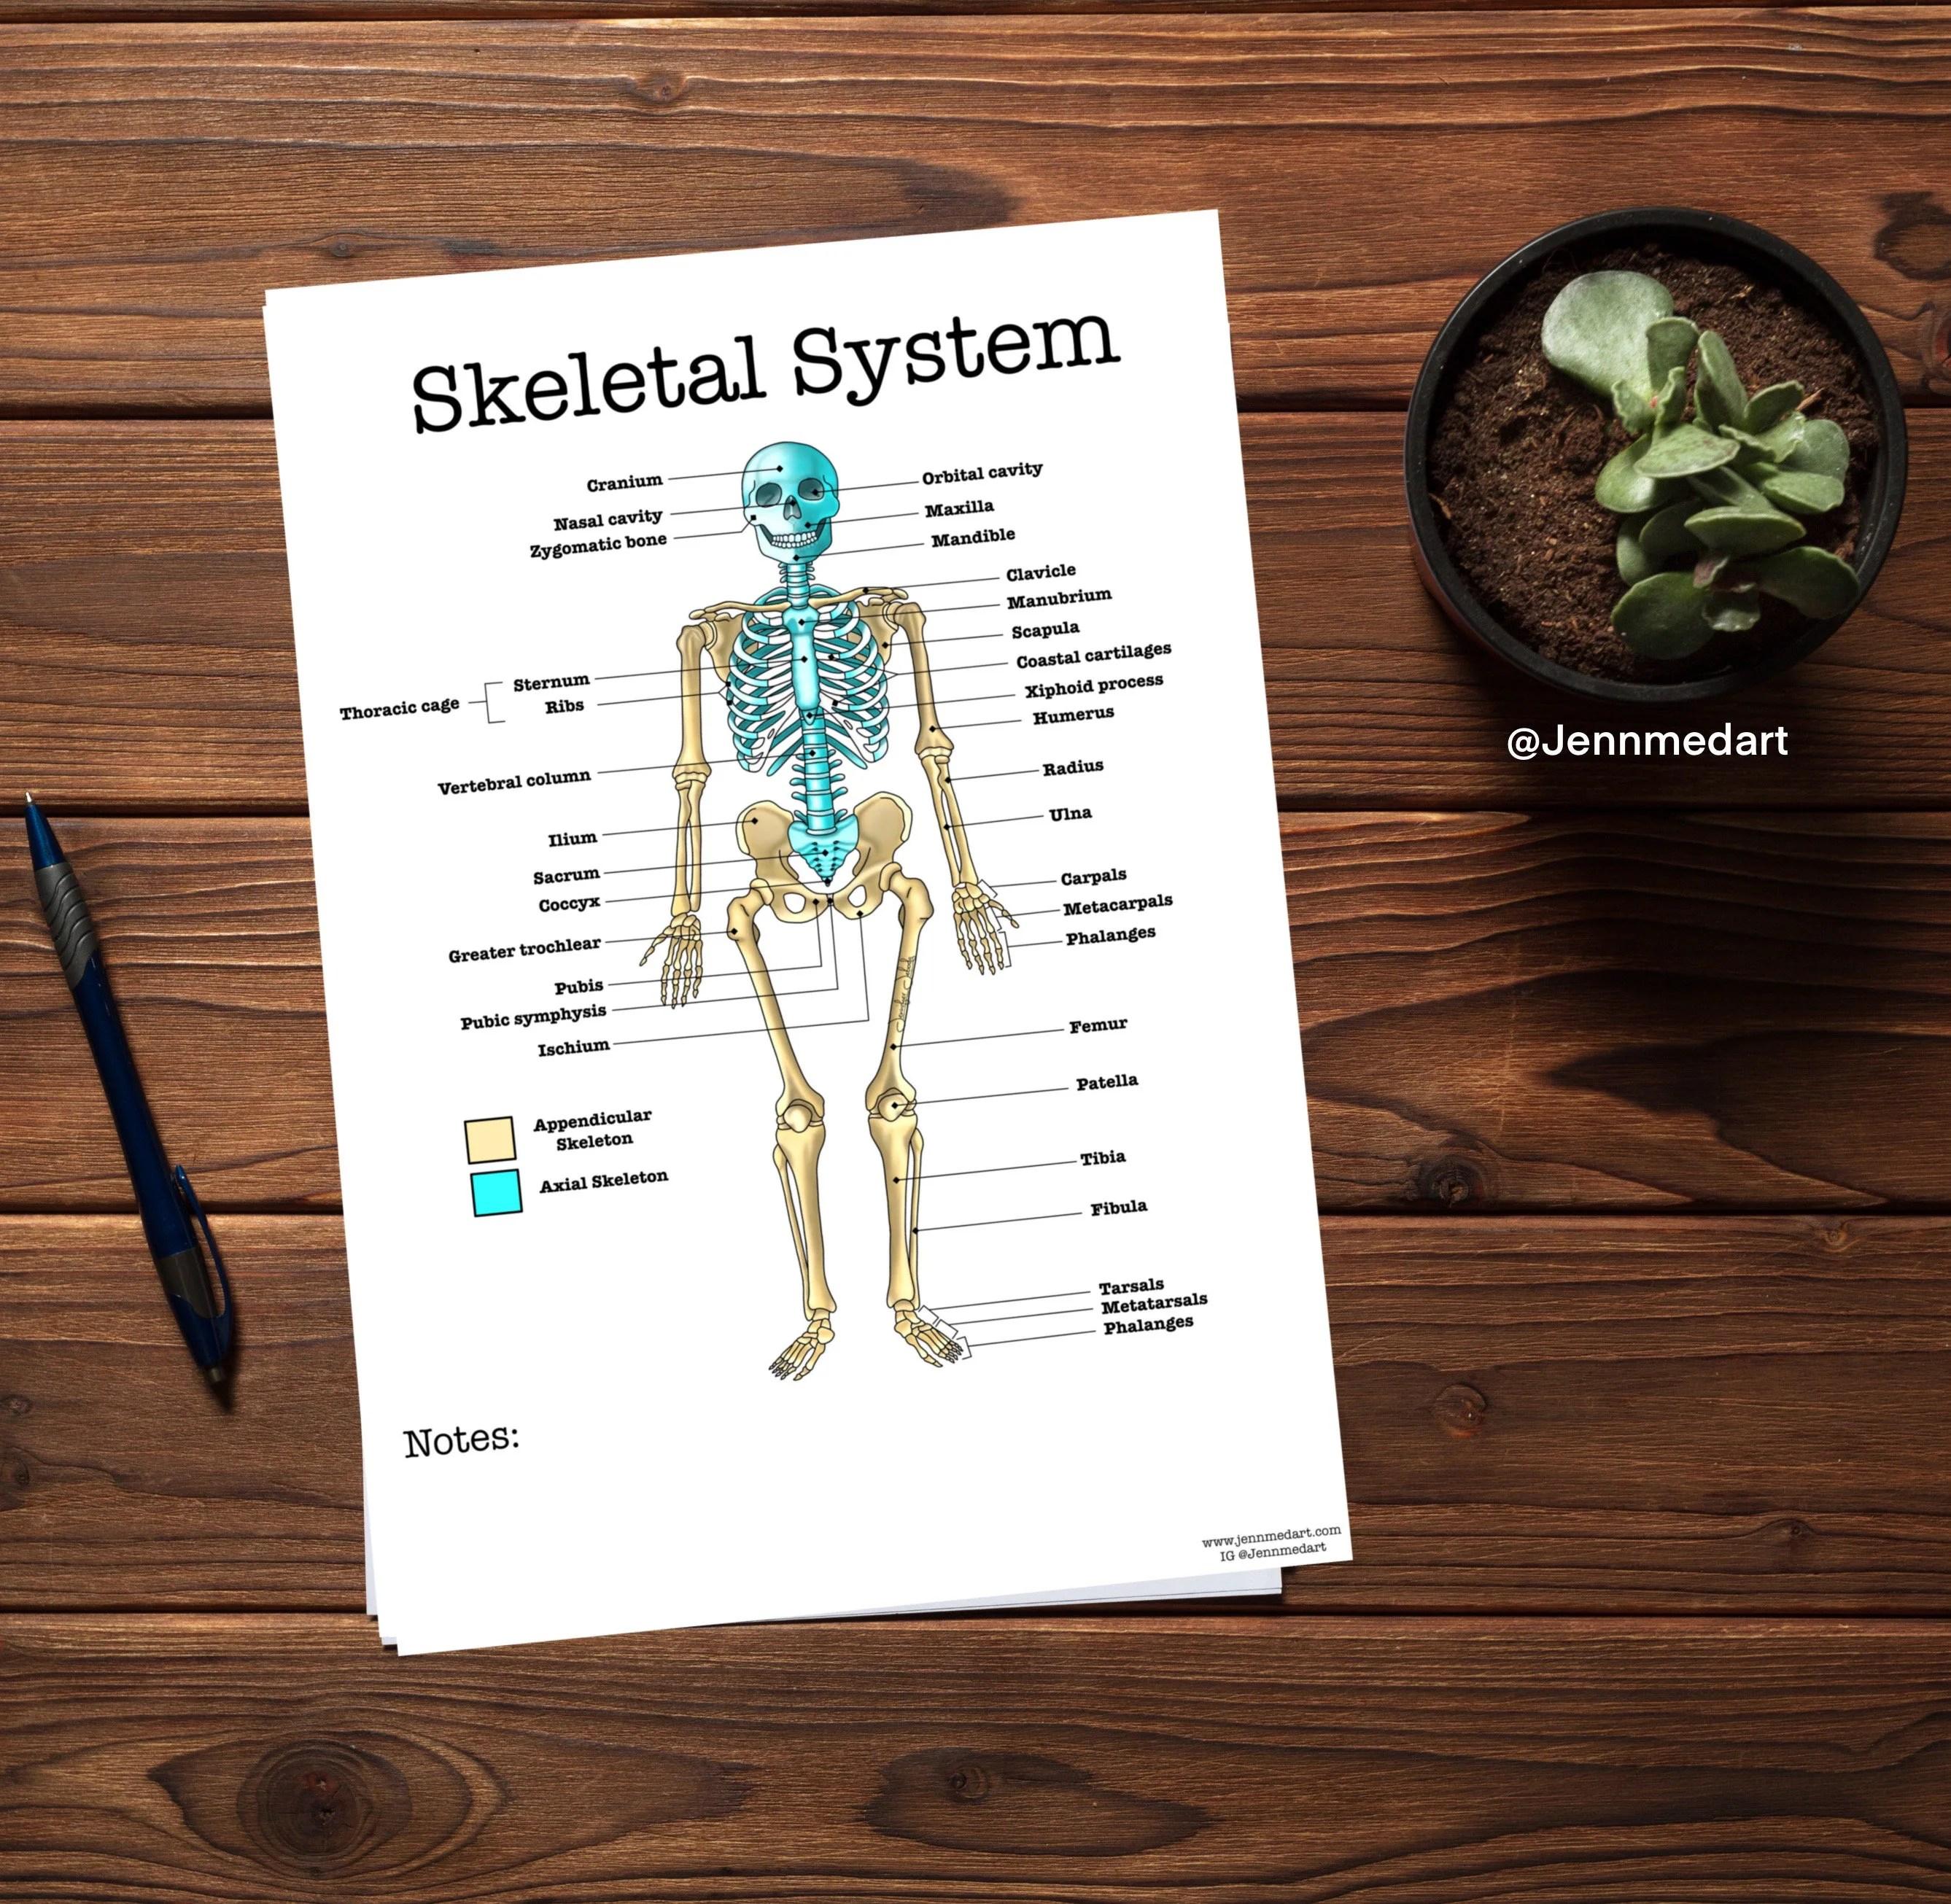 Skeletal System Anatomy Worksheet 3 In 1 Set A Labeled